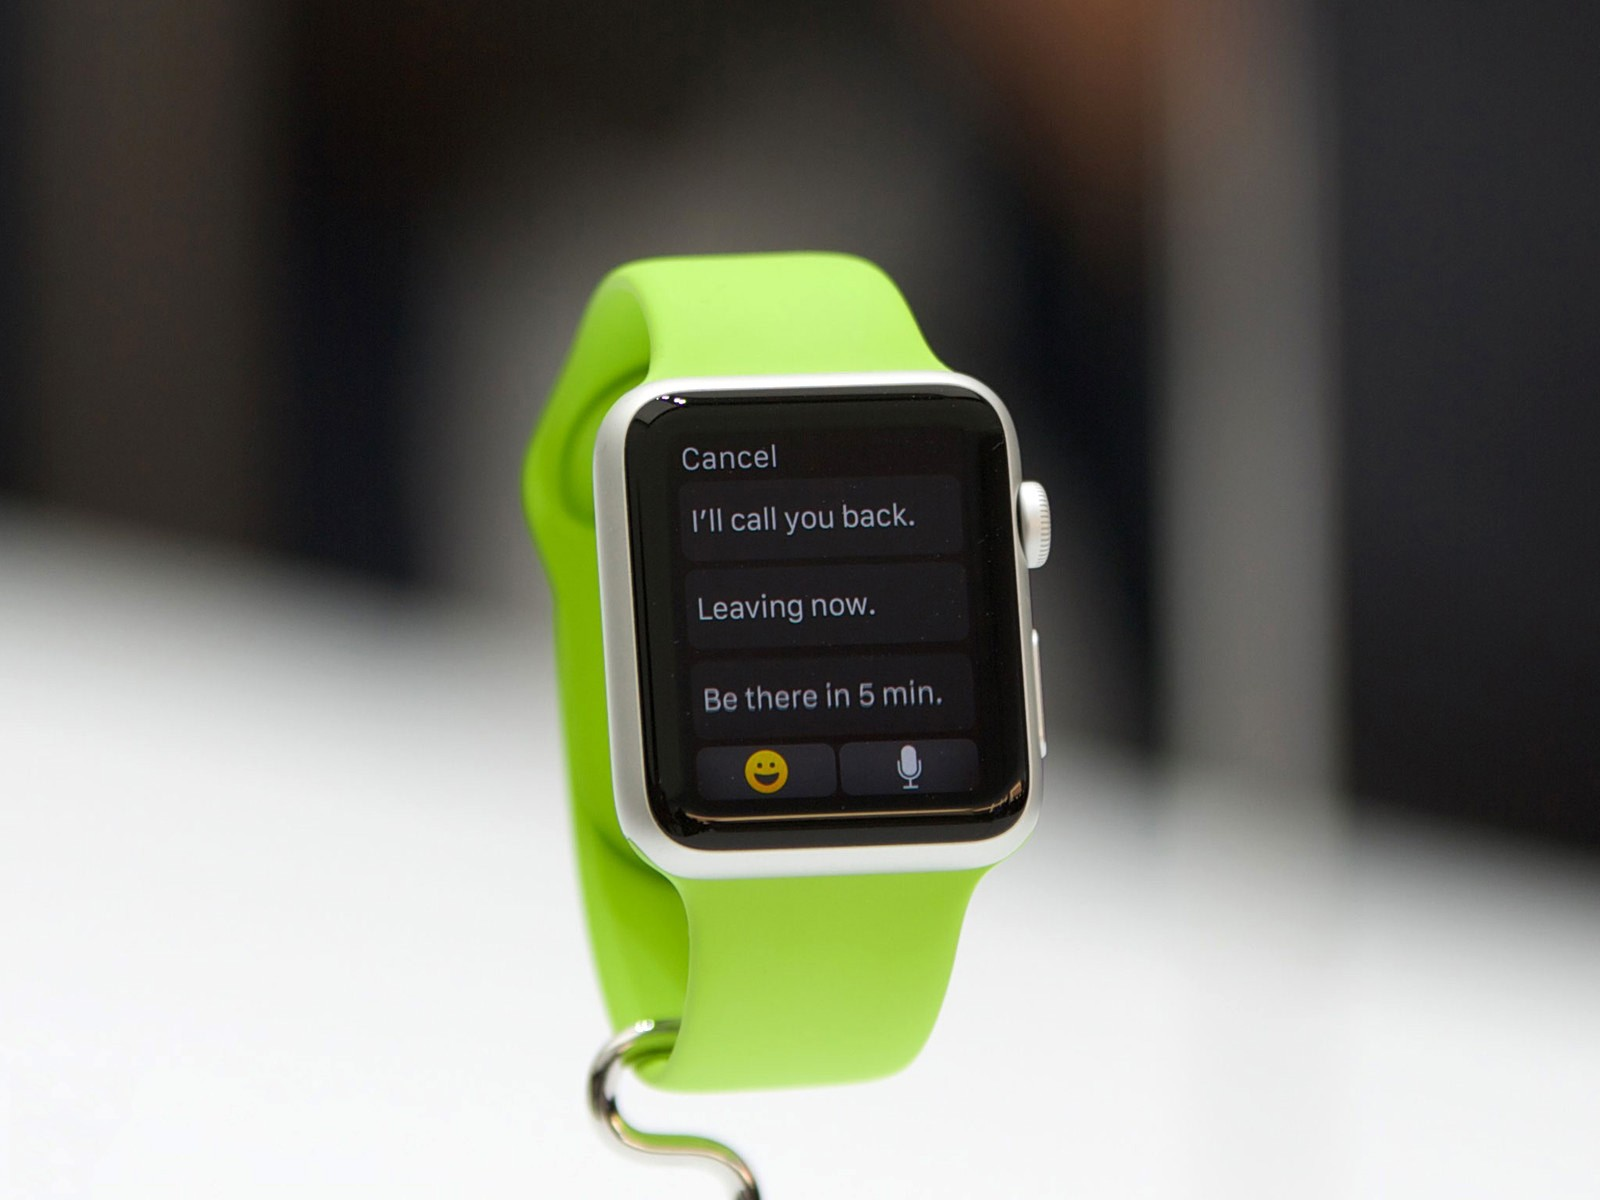 apple watch - Apple Watch hé lộ cấu hình phần cứng